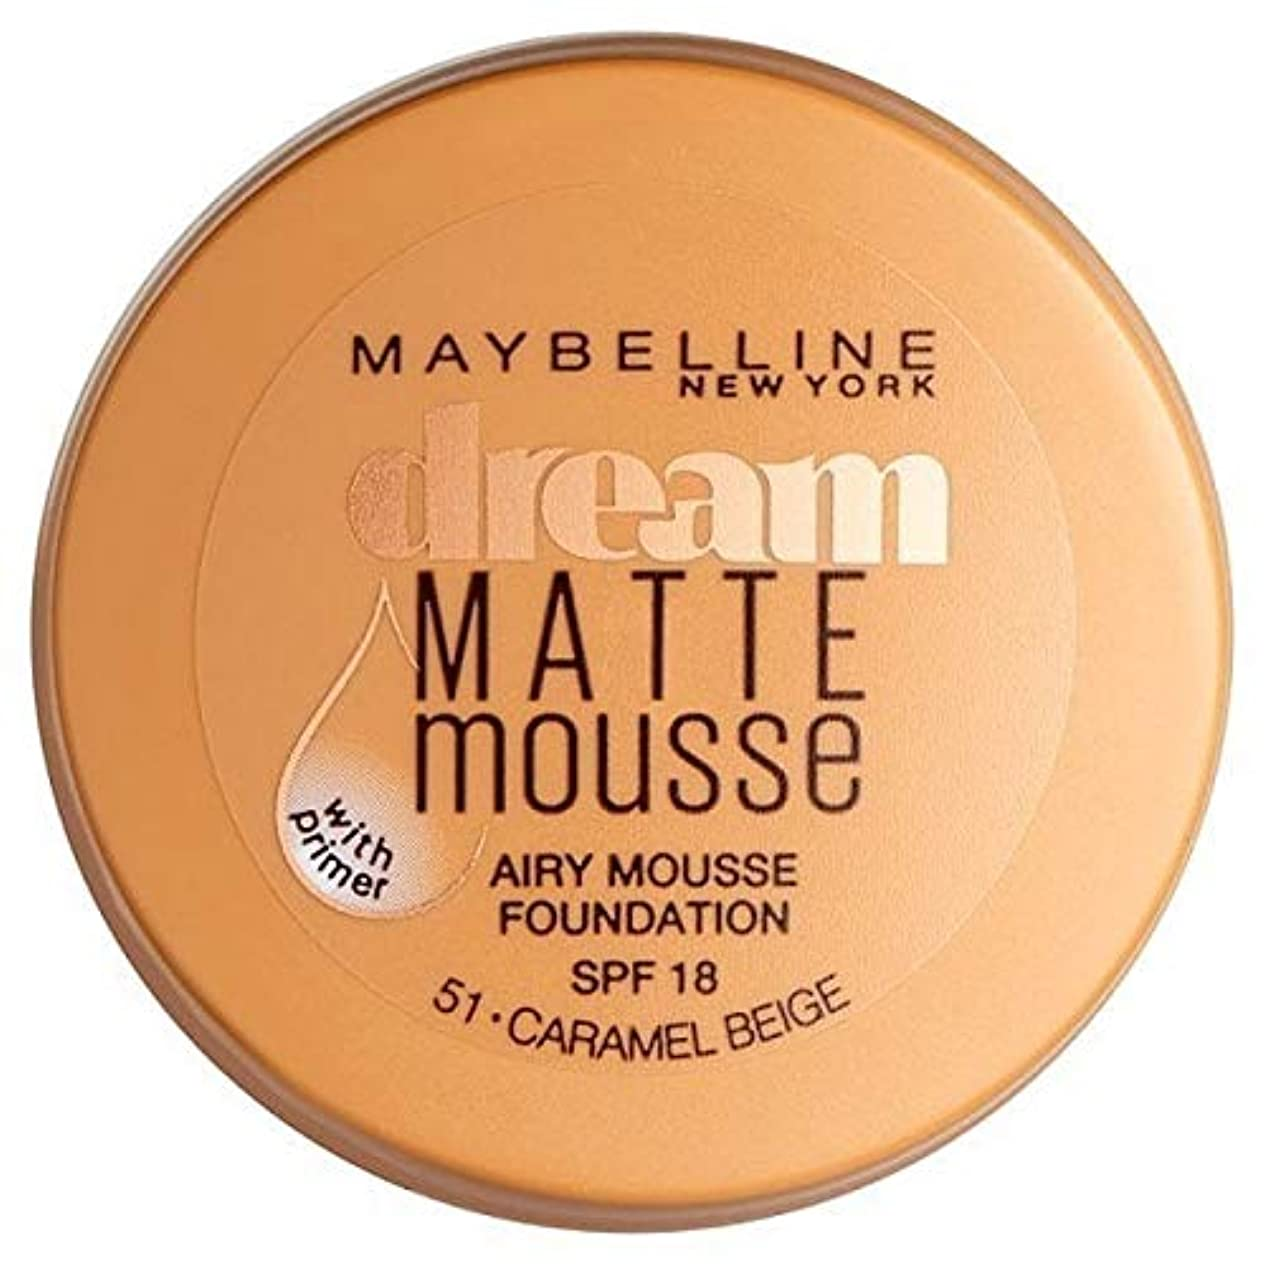 認知農民隔離[Maybelline ] メイベリン夢のマットムース基盤051キャラメルベージュ - Maybelline Dream Matte Mousse Foundation 051 Caramel Beige [並行輸入品]